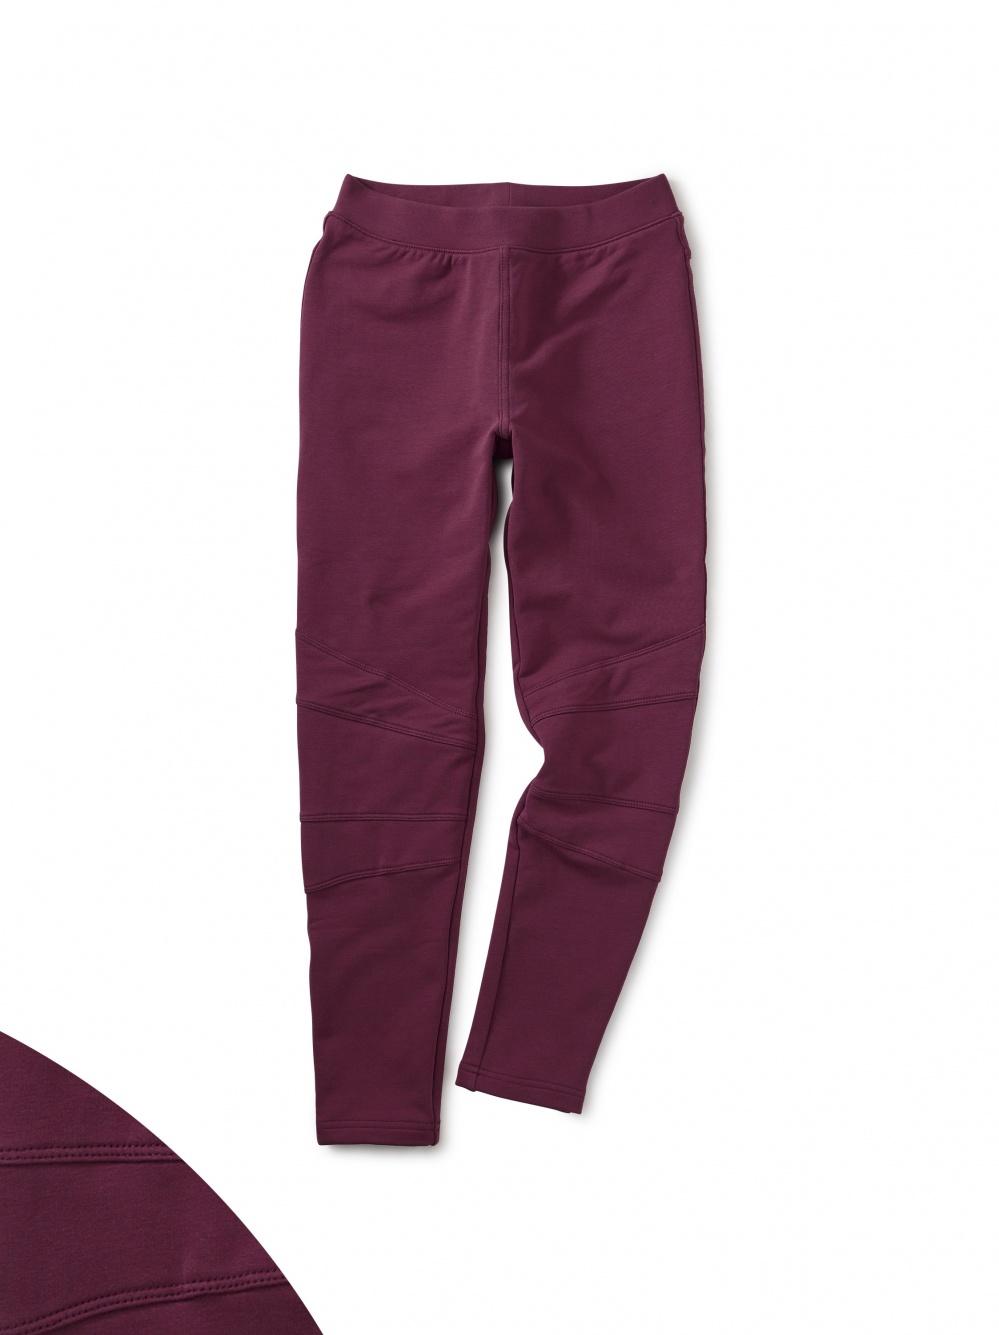 Pintuck Knee Pants